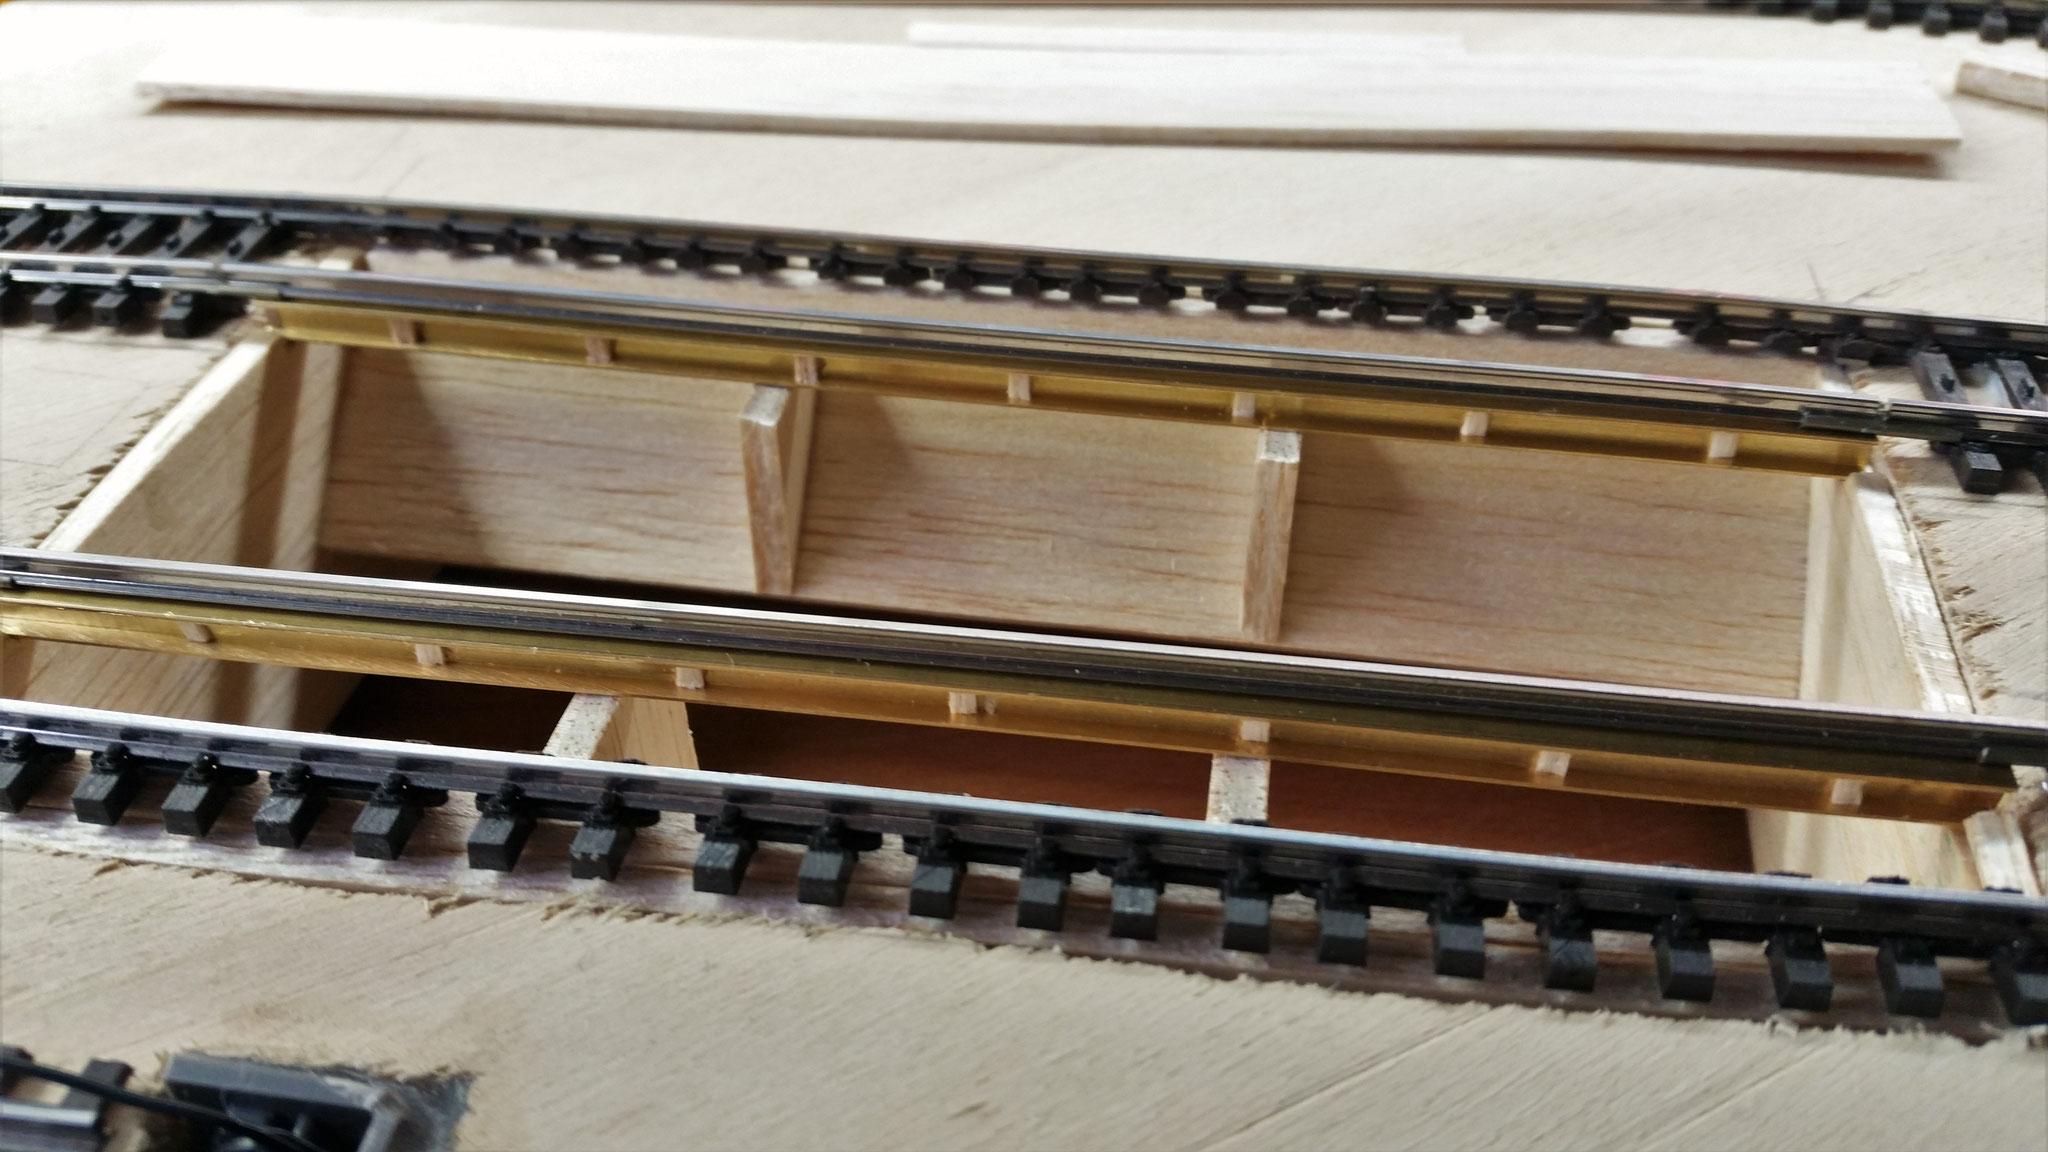 Der Stahlträger hat bei meinem Vorbildfoto kleine Zwischenträger, welche hier nachgebildet werden